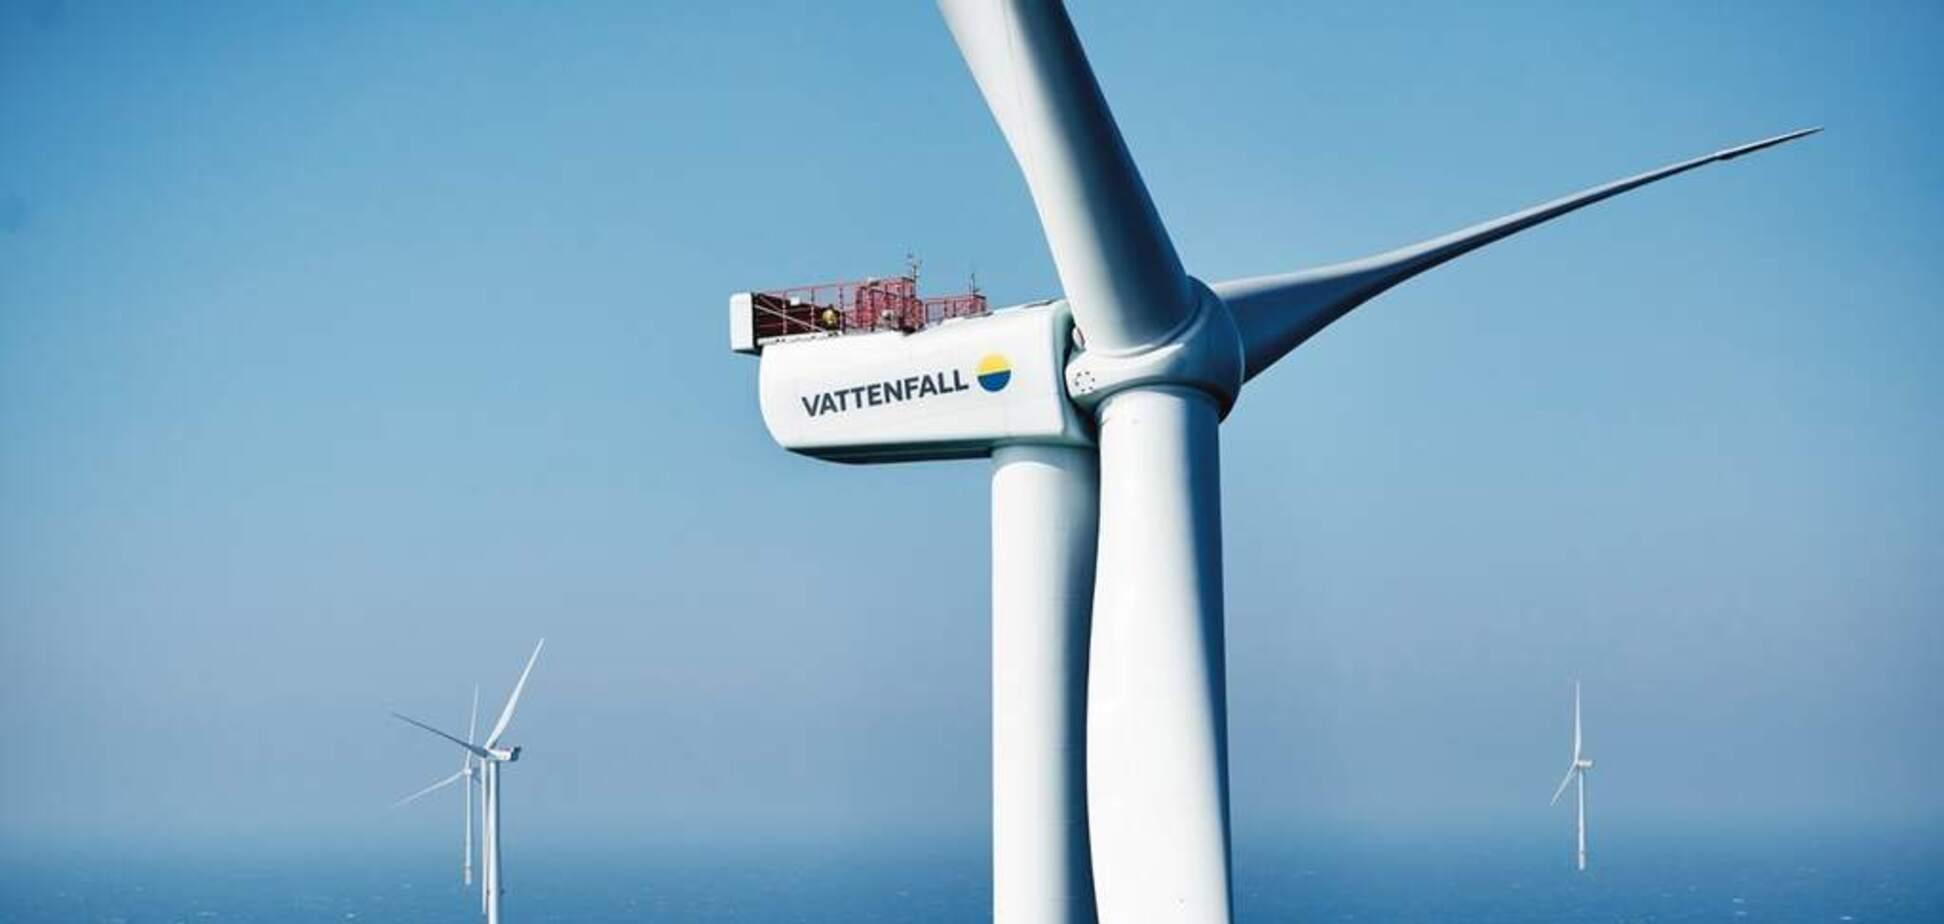 Самая большая и масштабная: в Скандинавии открыли морскую ветроэлектростанцию